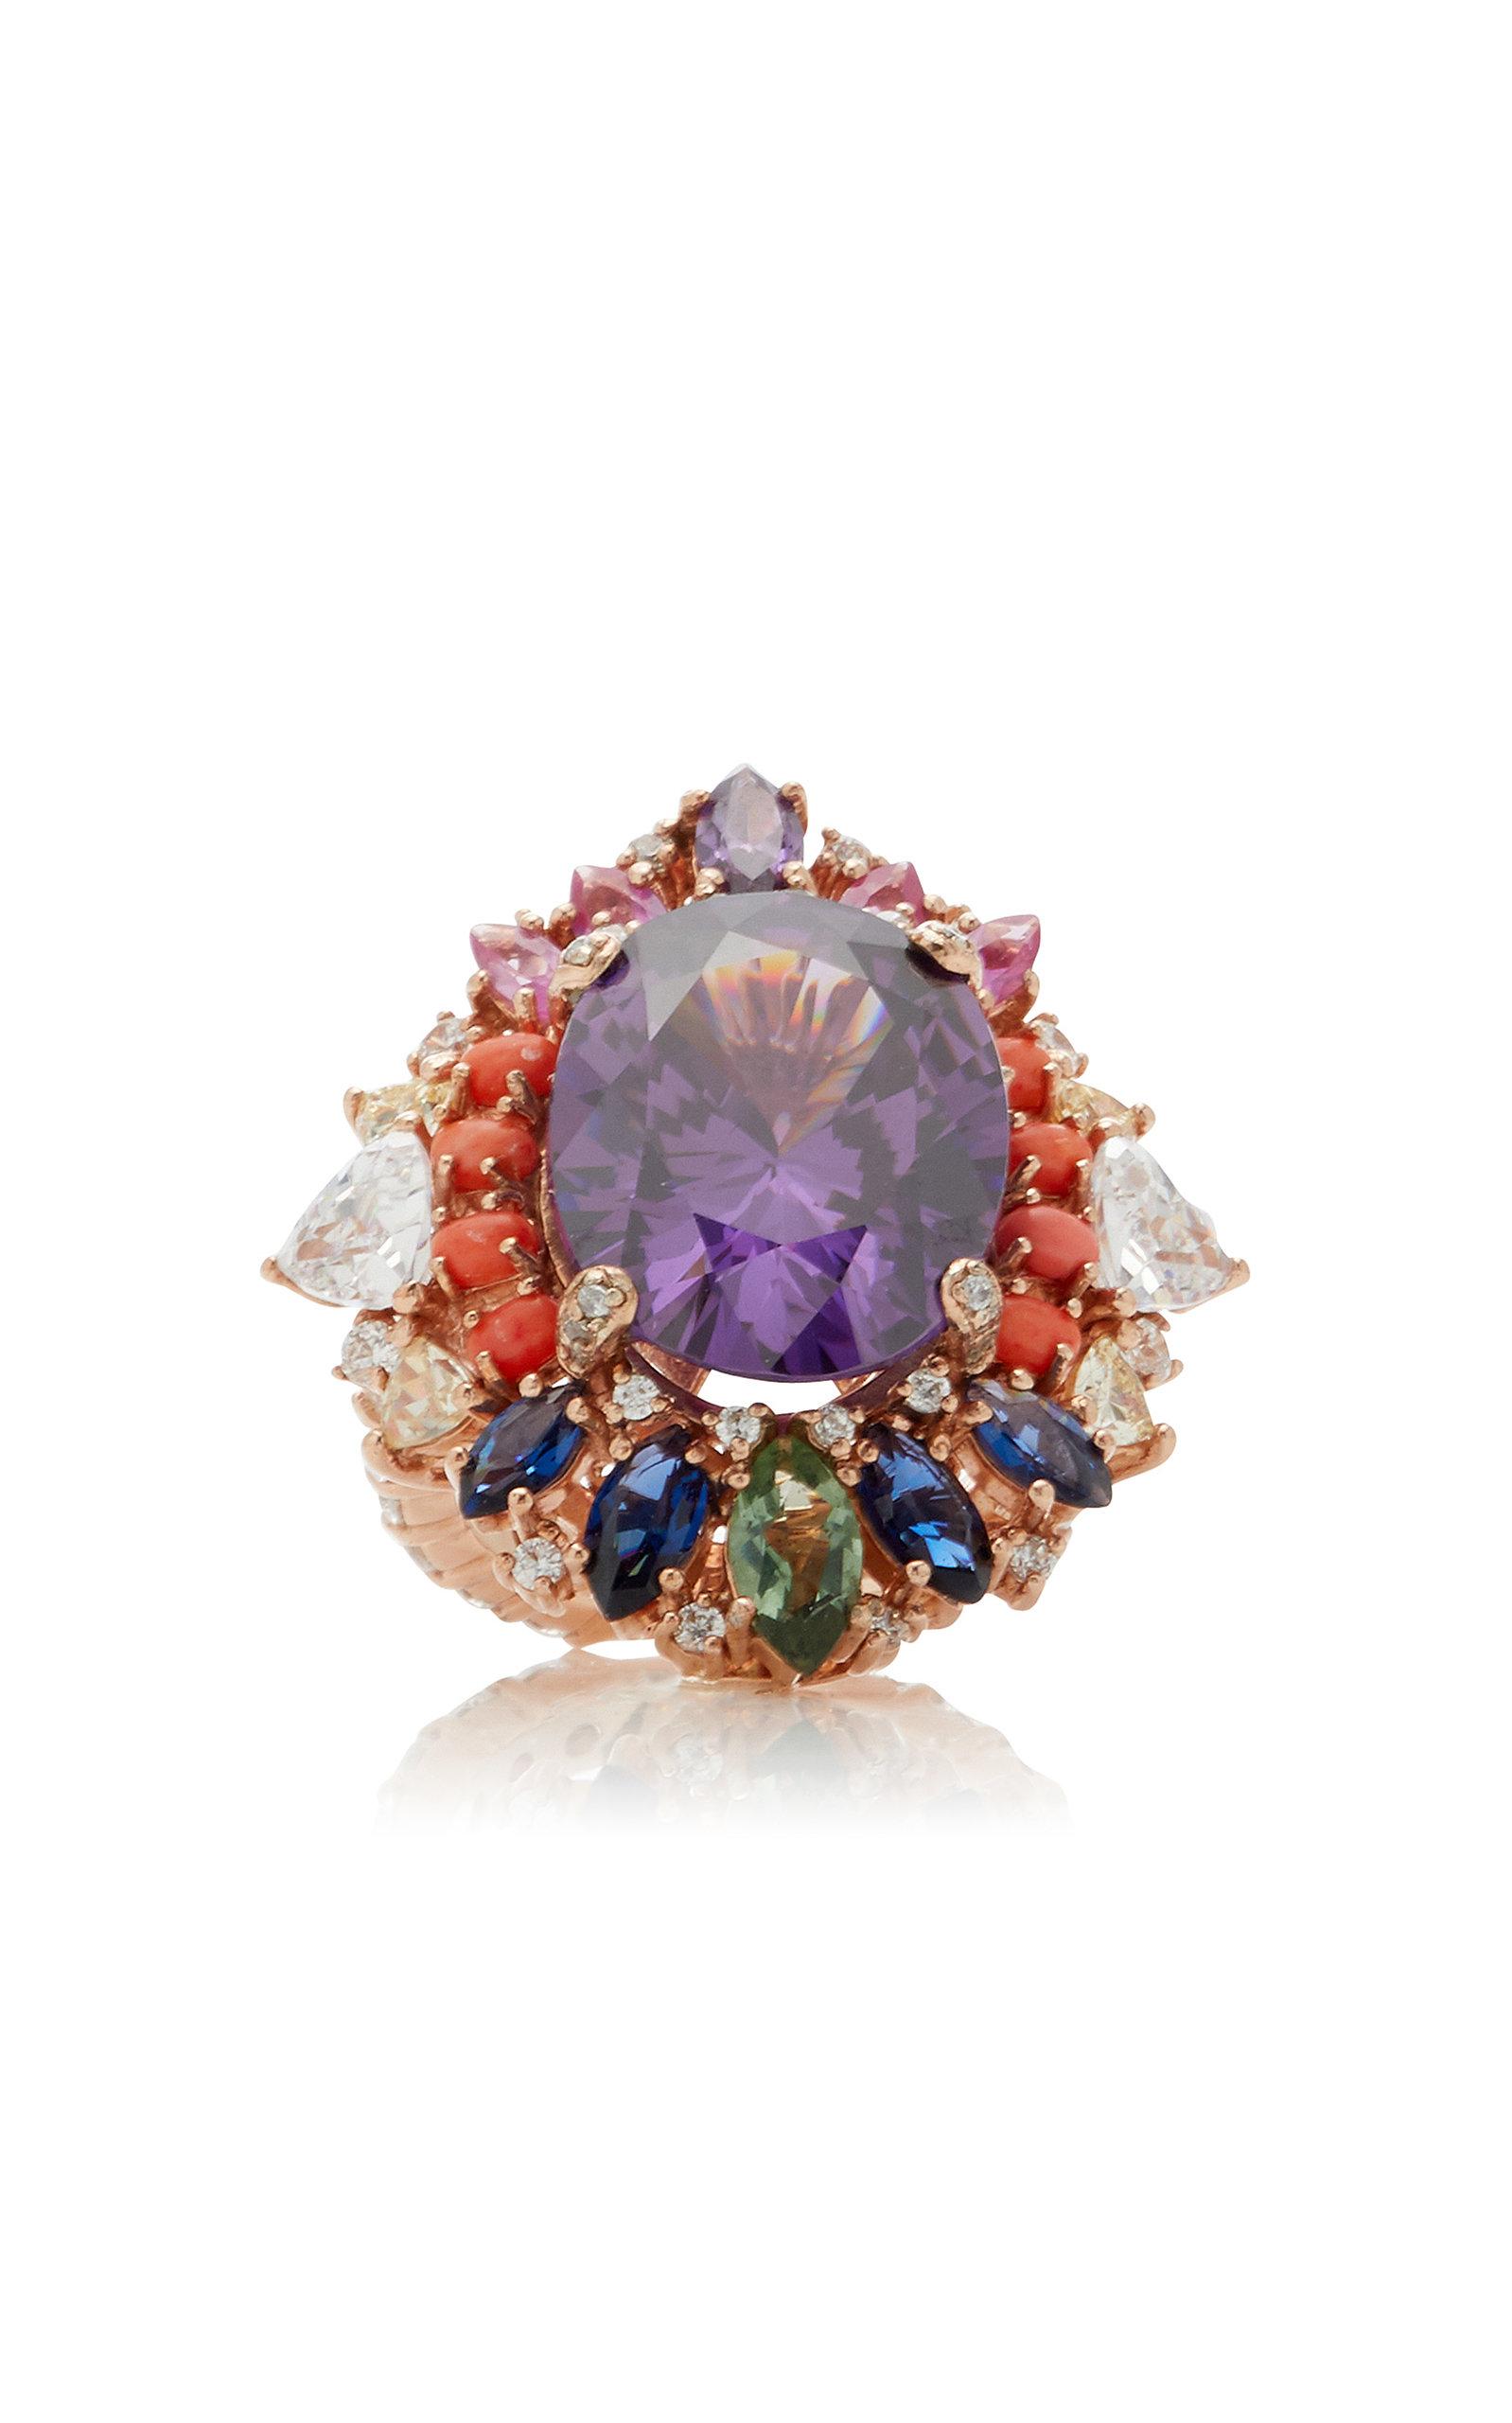 Women's Mirage 18k Rose Gold Vermeil Multi-Stone Ring